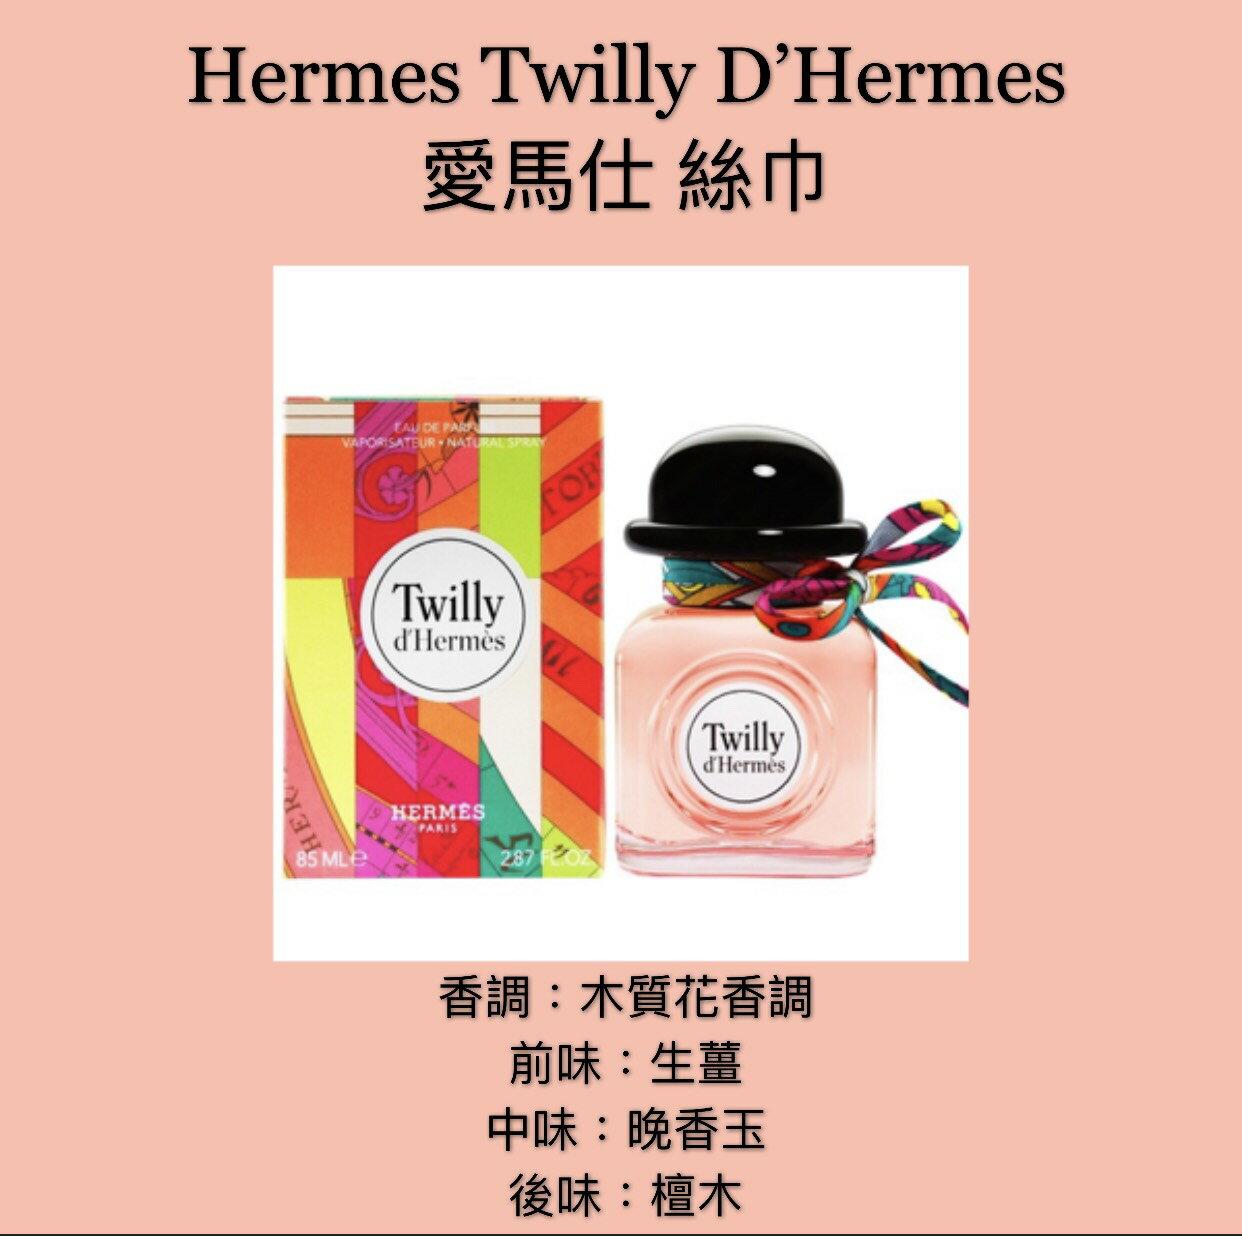 【香舍】Hermes Twilly D'hermes 愛馬仕 絲巾女性淡香精 30ML/50ML/85ML